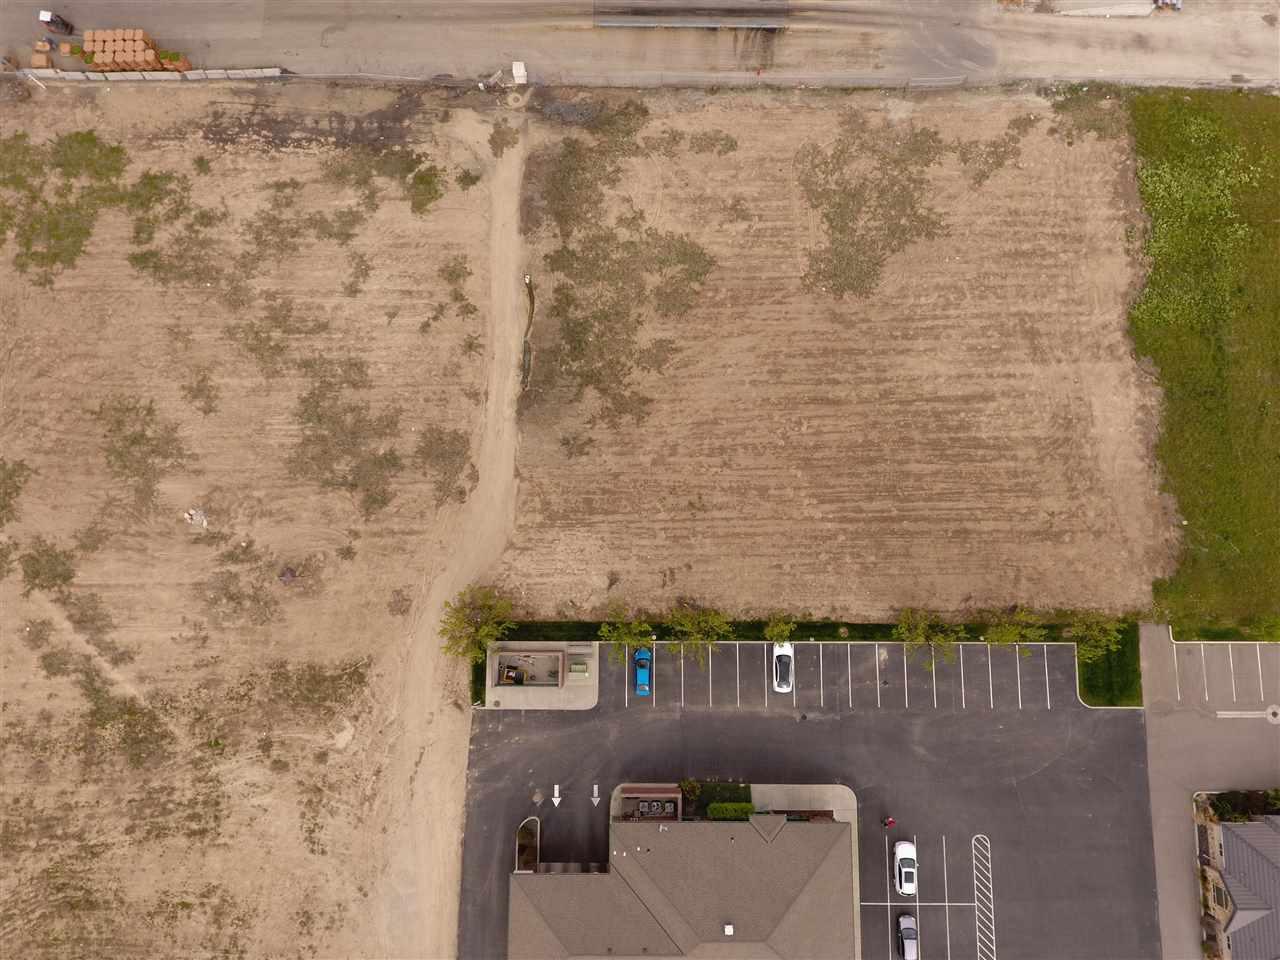 Terreno por un Venta en Tbd N Whitley - Lot 6 Fruitland, Idaho 83619